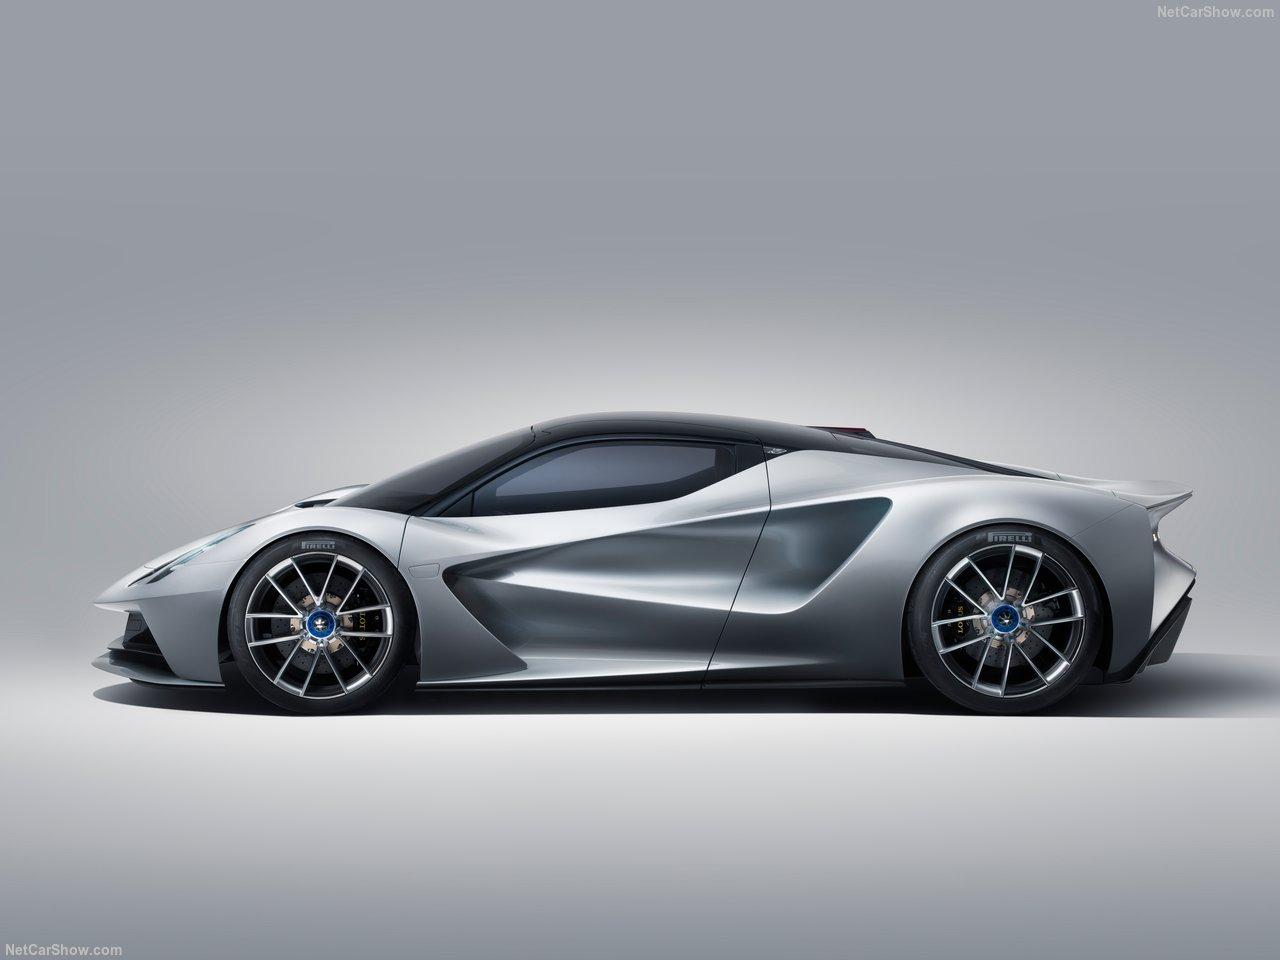 Lotus-Evija-2020-1280-02.jpg